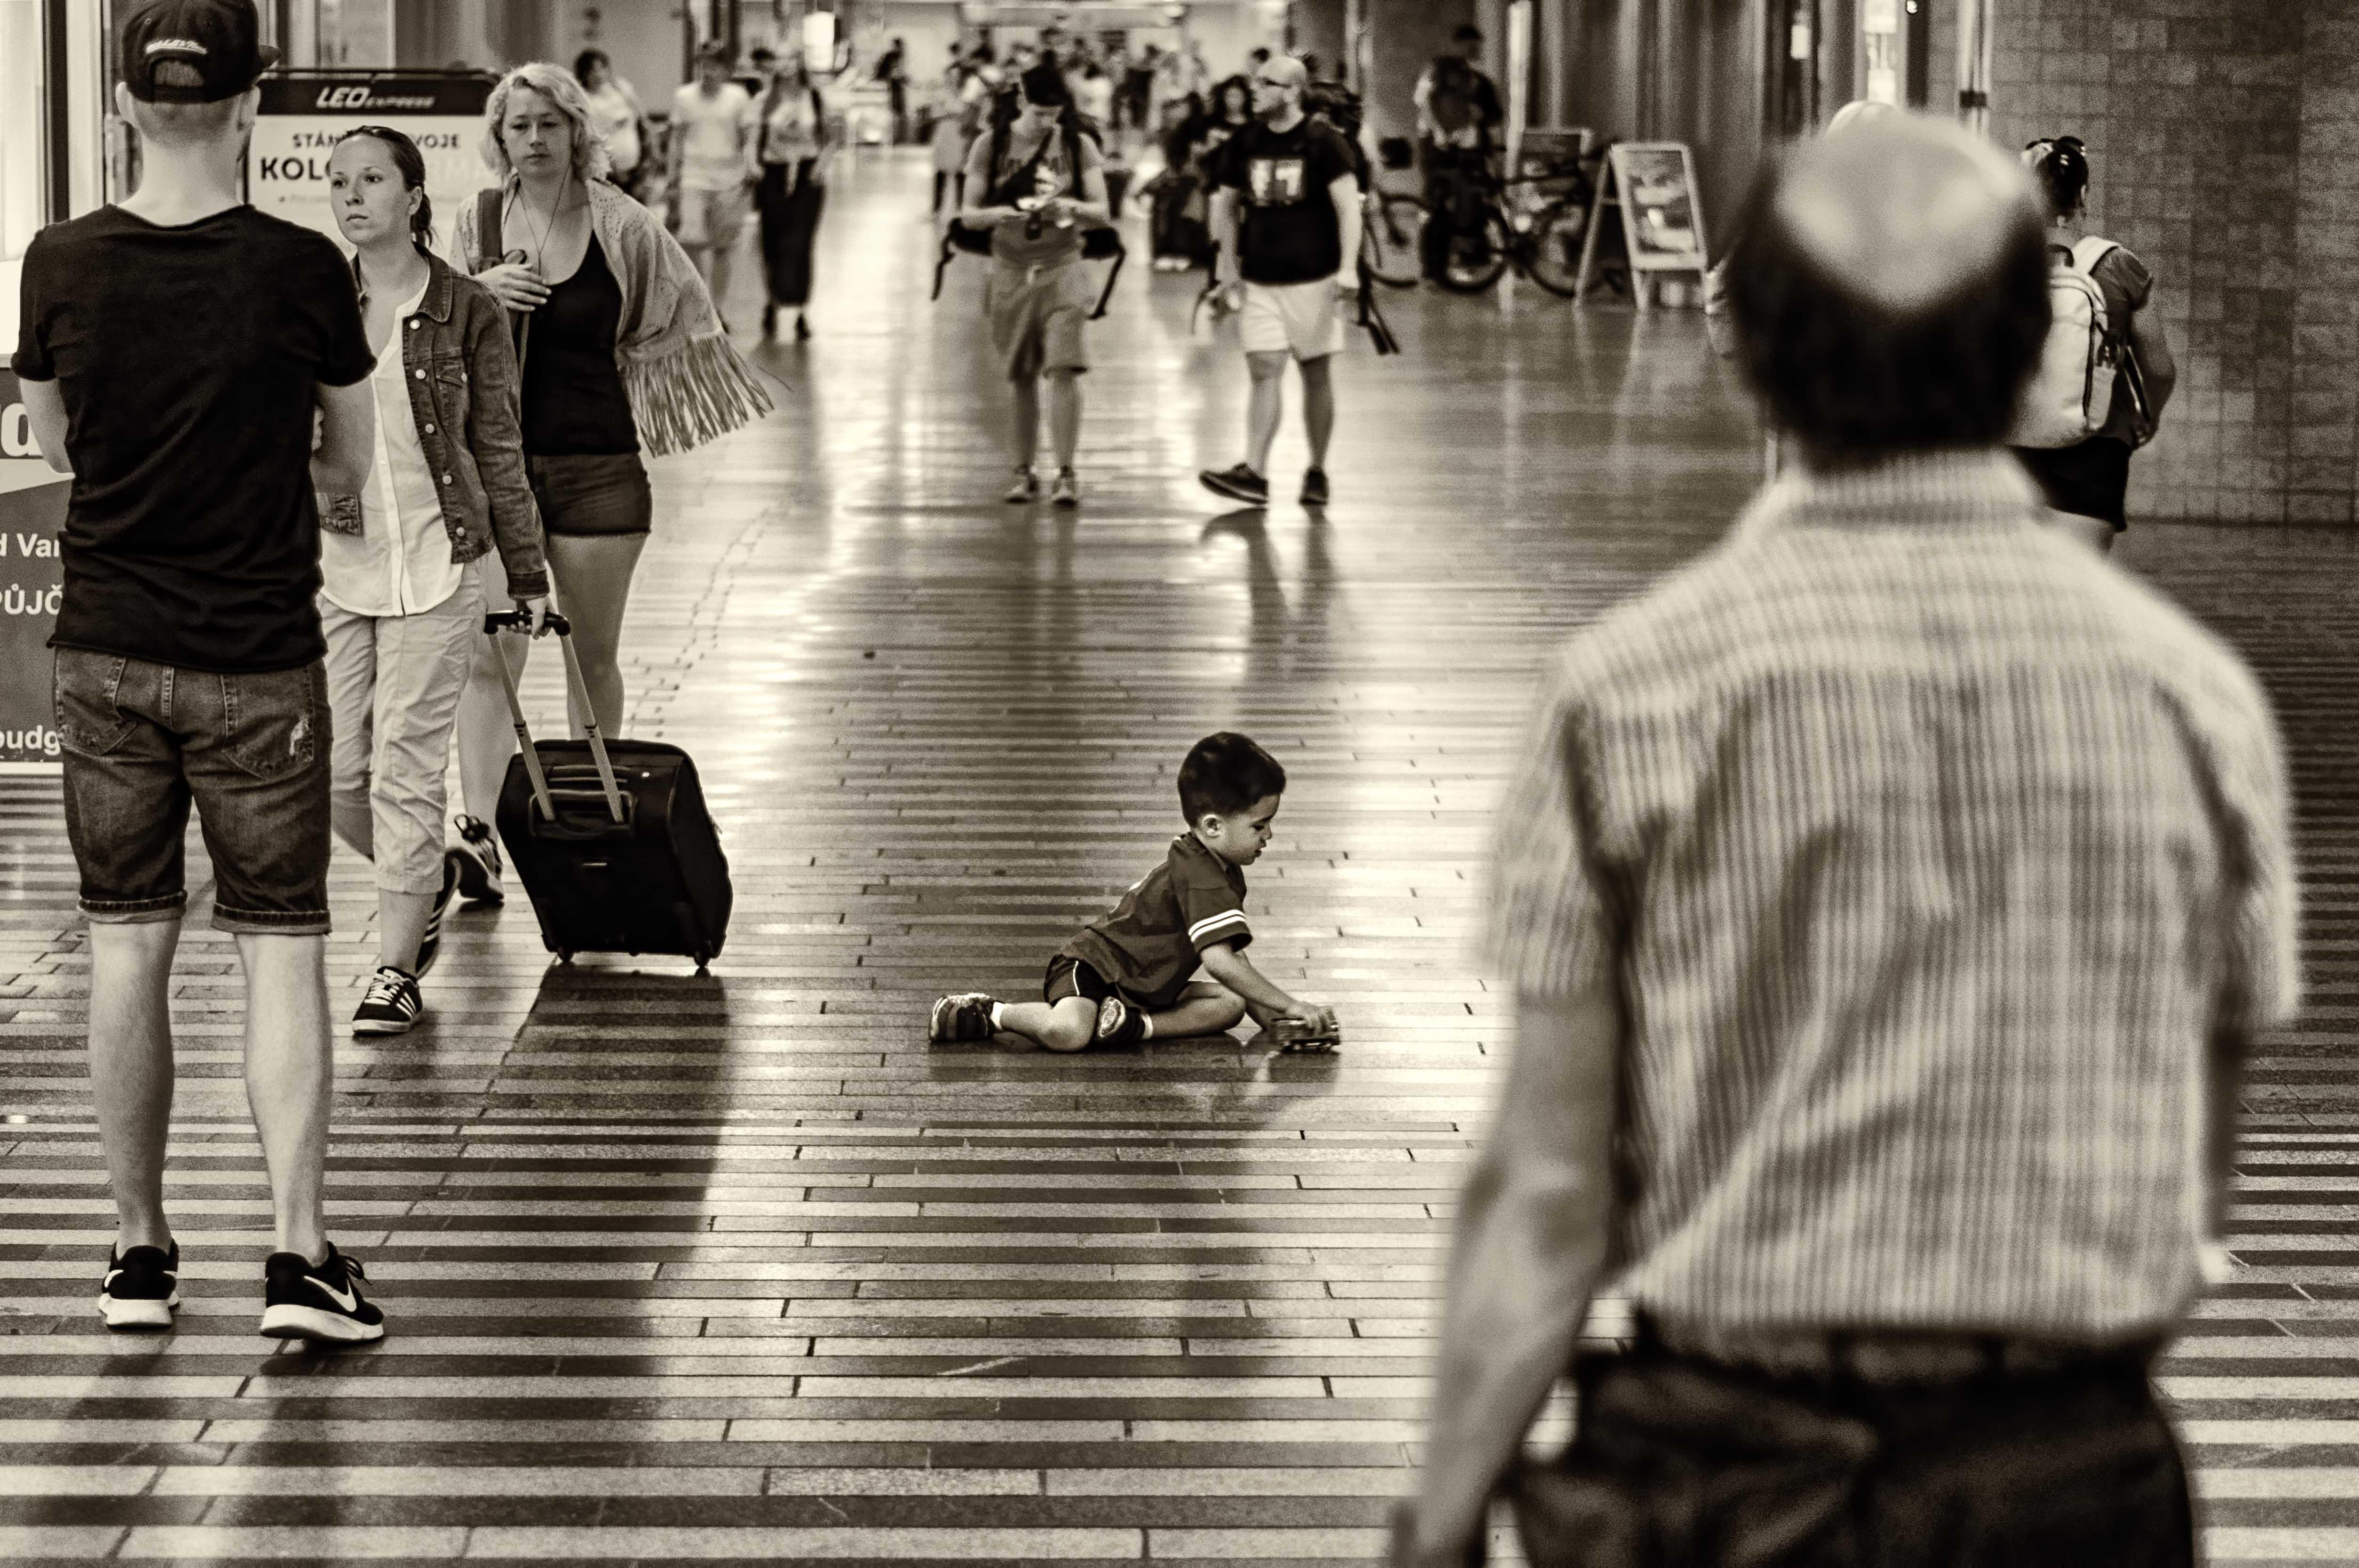 Černobílá dokumentární fotografie hlavního nádraží v Praze od Jan Stojan Photography ©